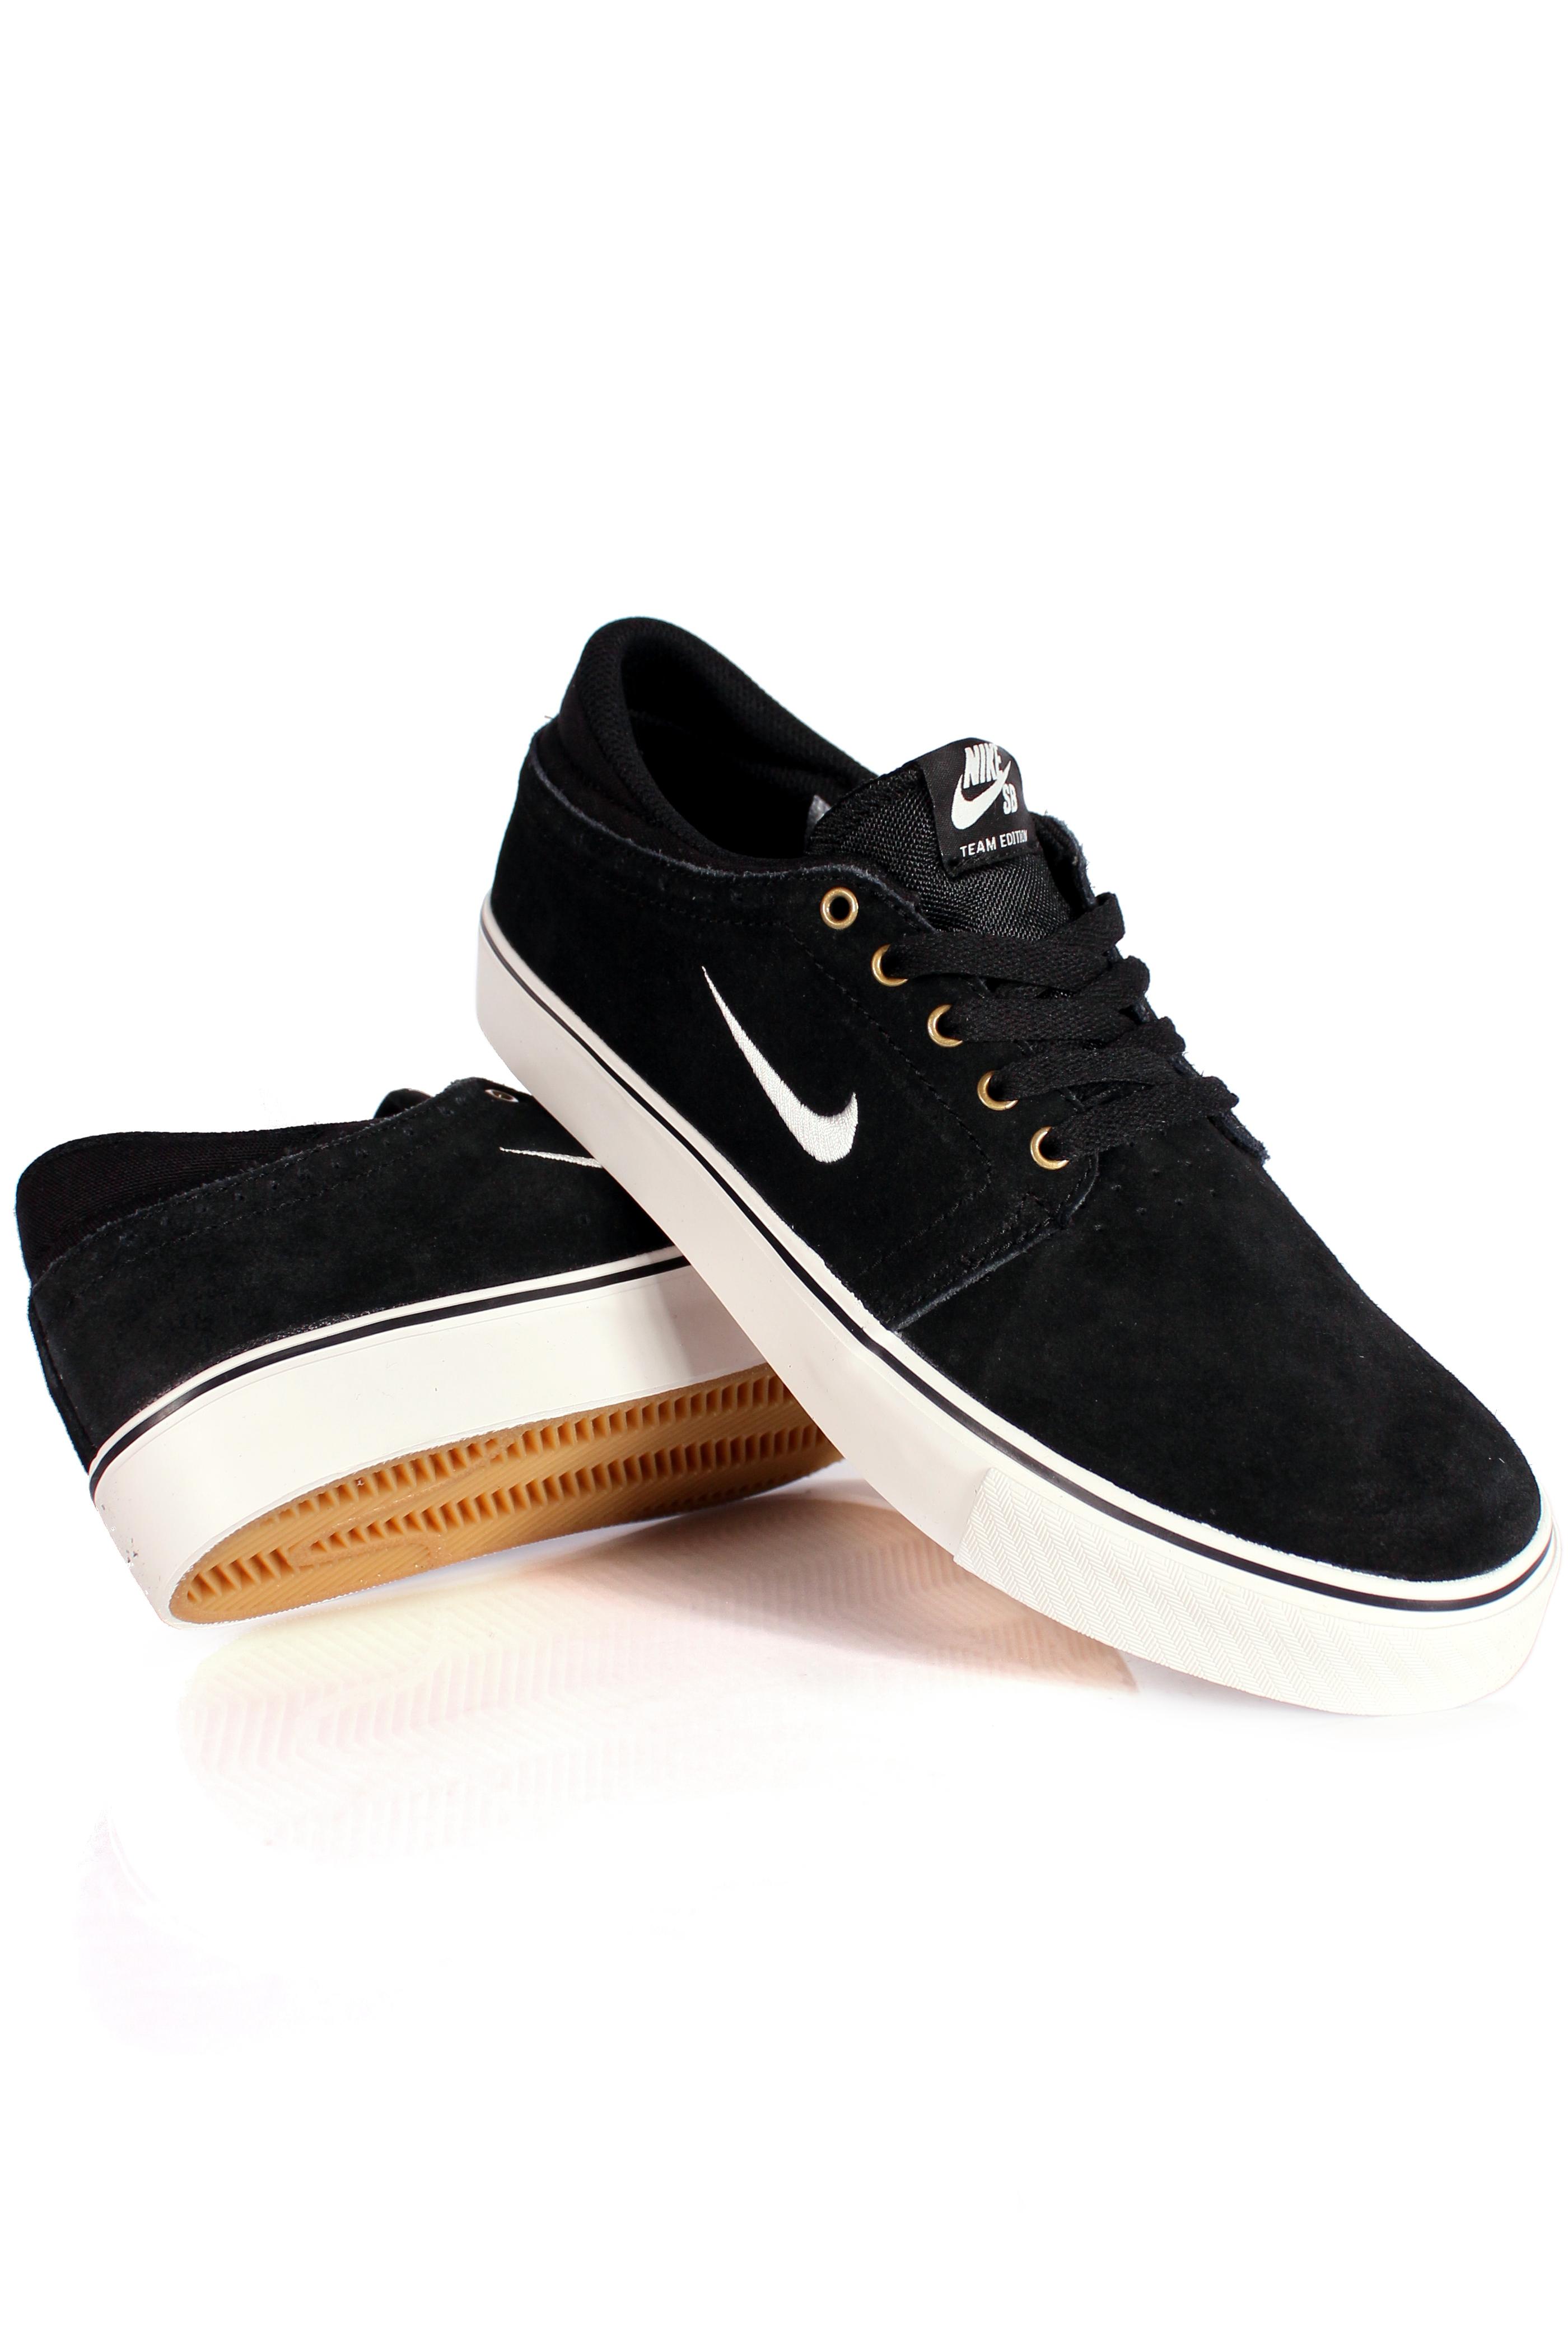 Buty Nike Sb Team Edition (Black/ White)